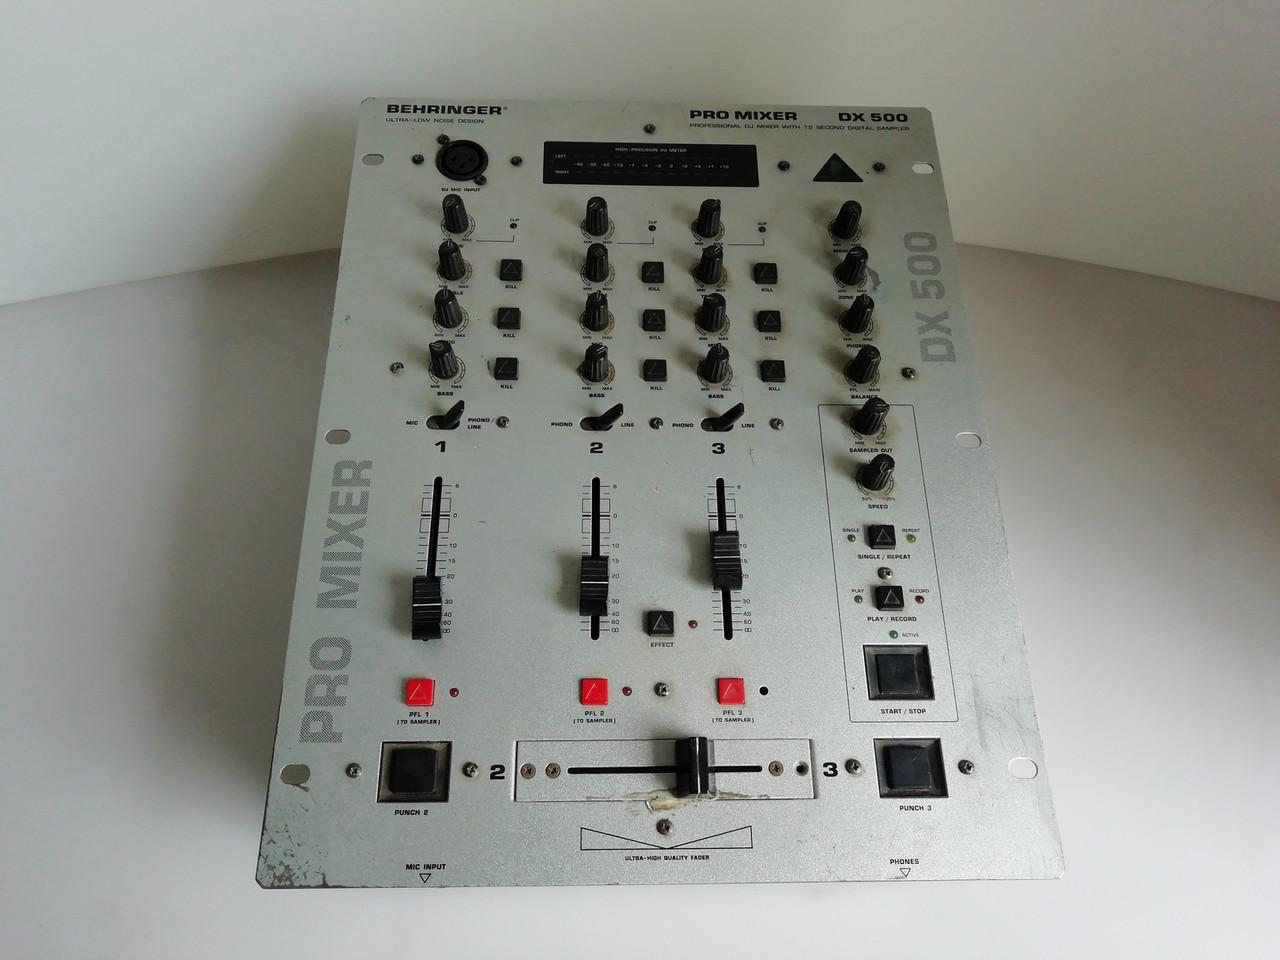 DJ Микшер BEHRINGER PRO MIXER DX500